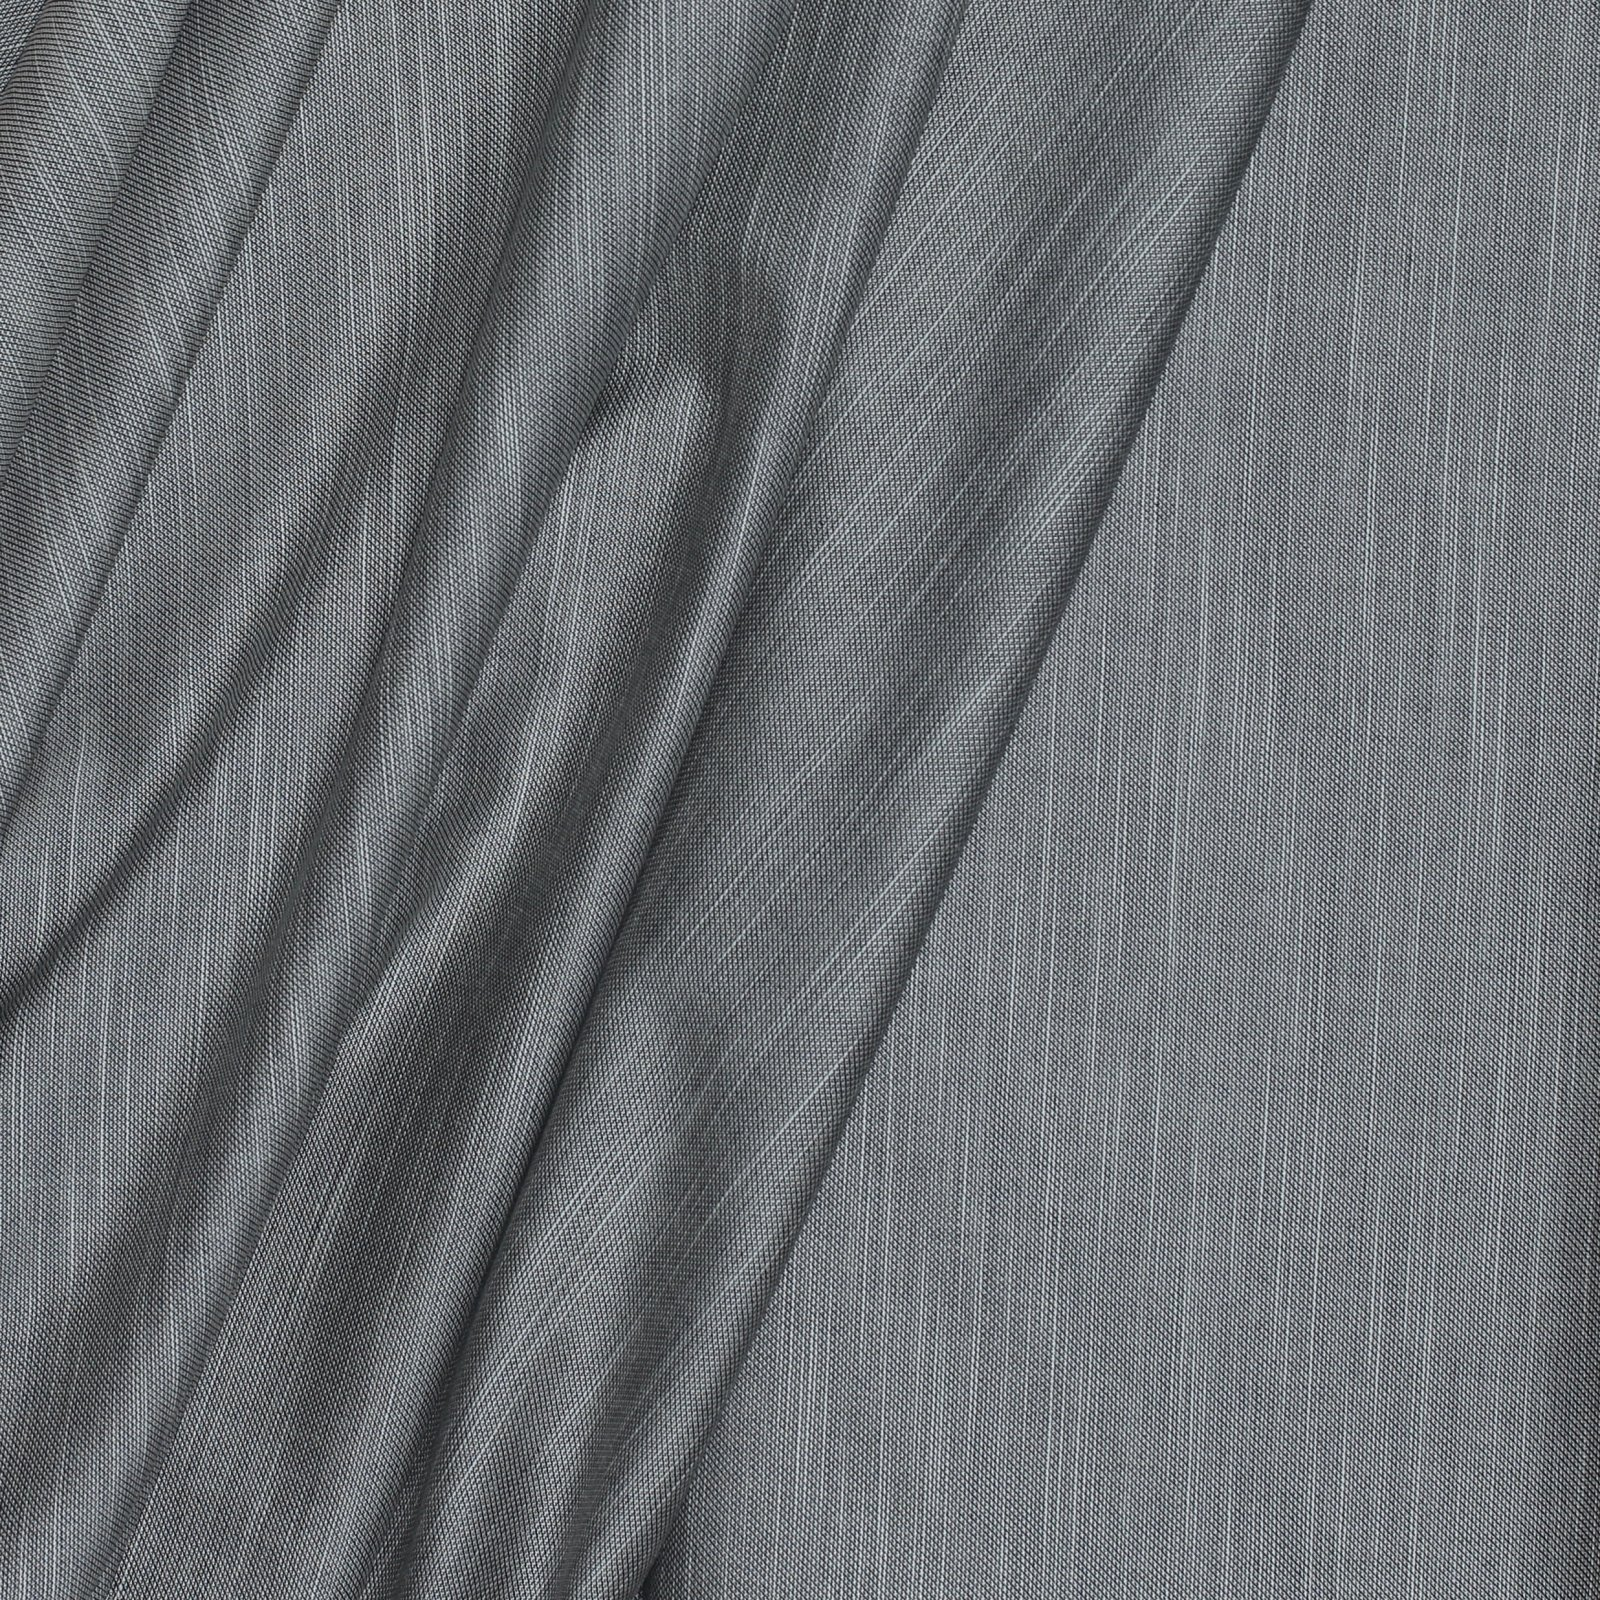 White on Black Linen Look Italian Cotton